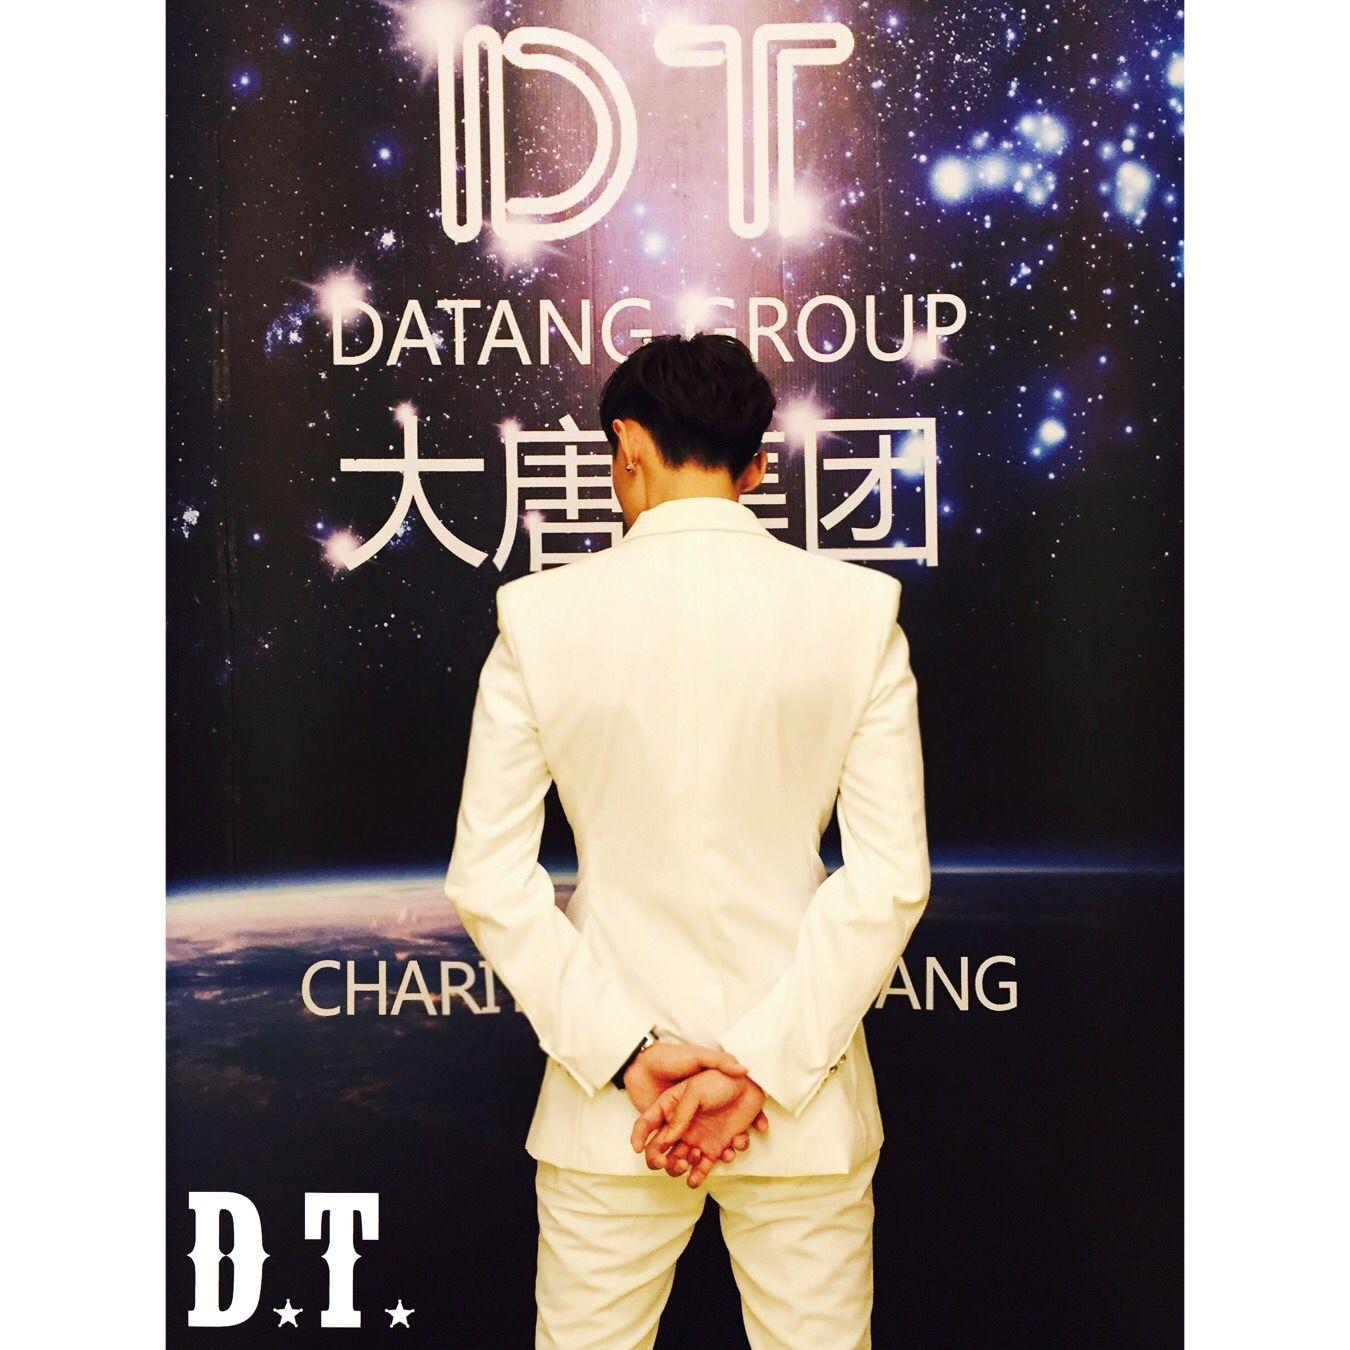 戲裏的這集團是為我而開的吧  #DT #唐禹哲